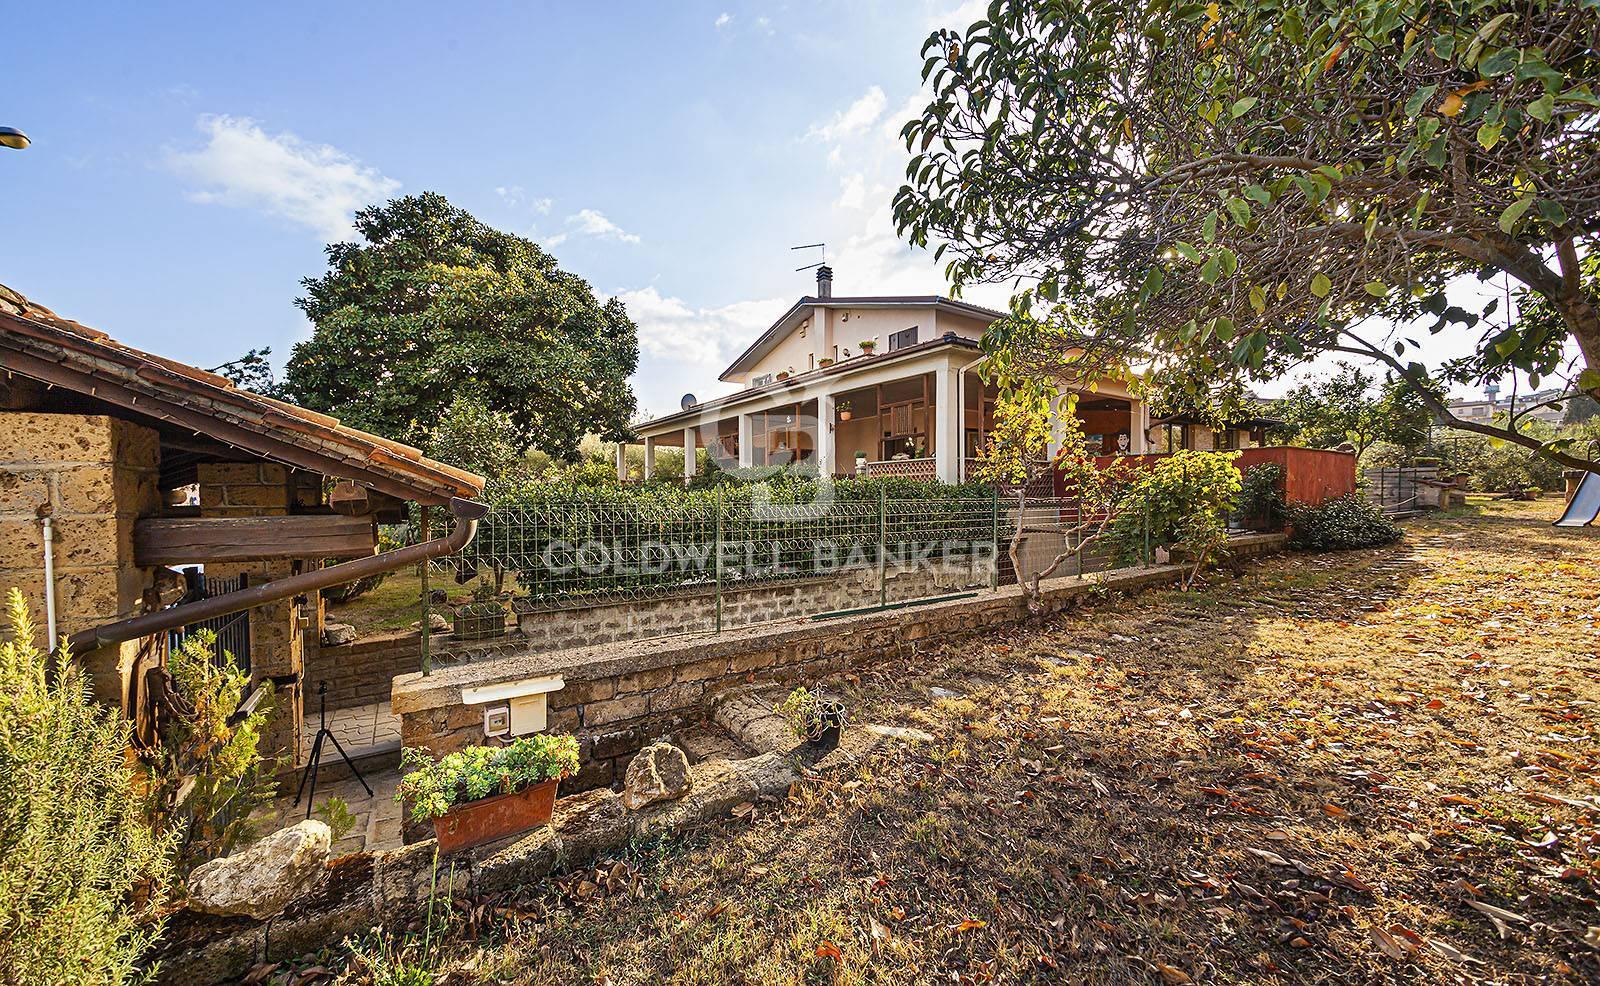 Villa in vendita a Fabrica di Roma, 5 locali, zona Località: centrale, prezzo € 219.000 | CambioCasa.it